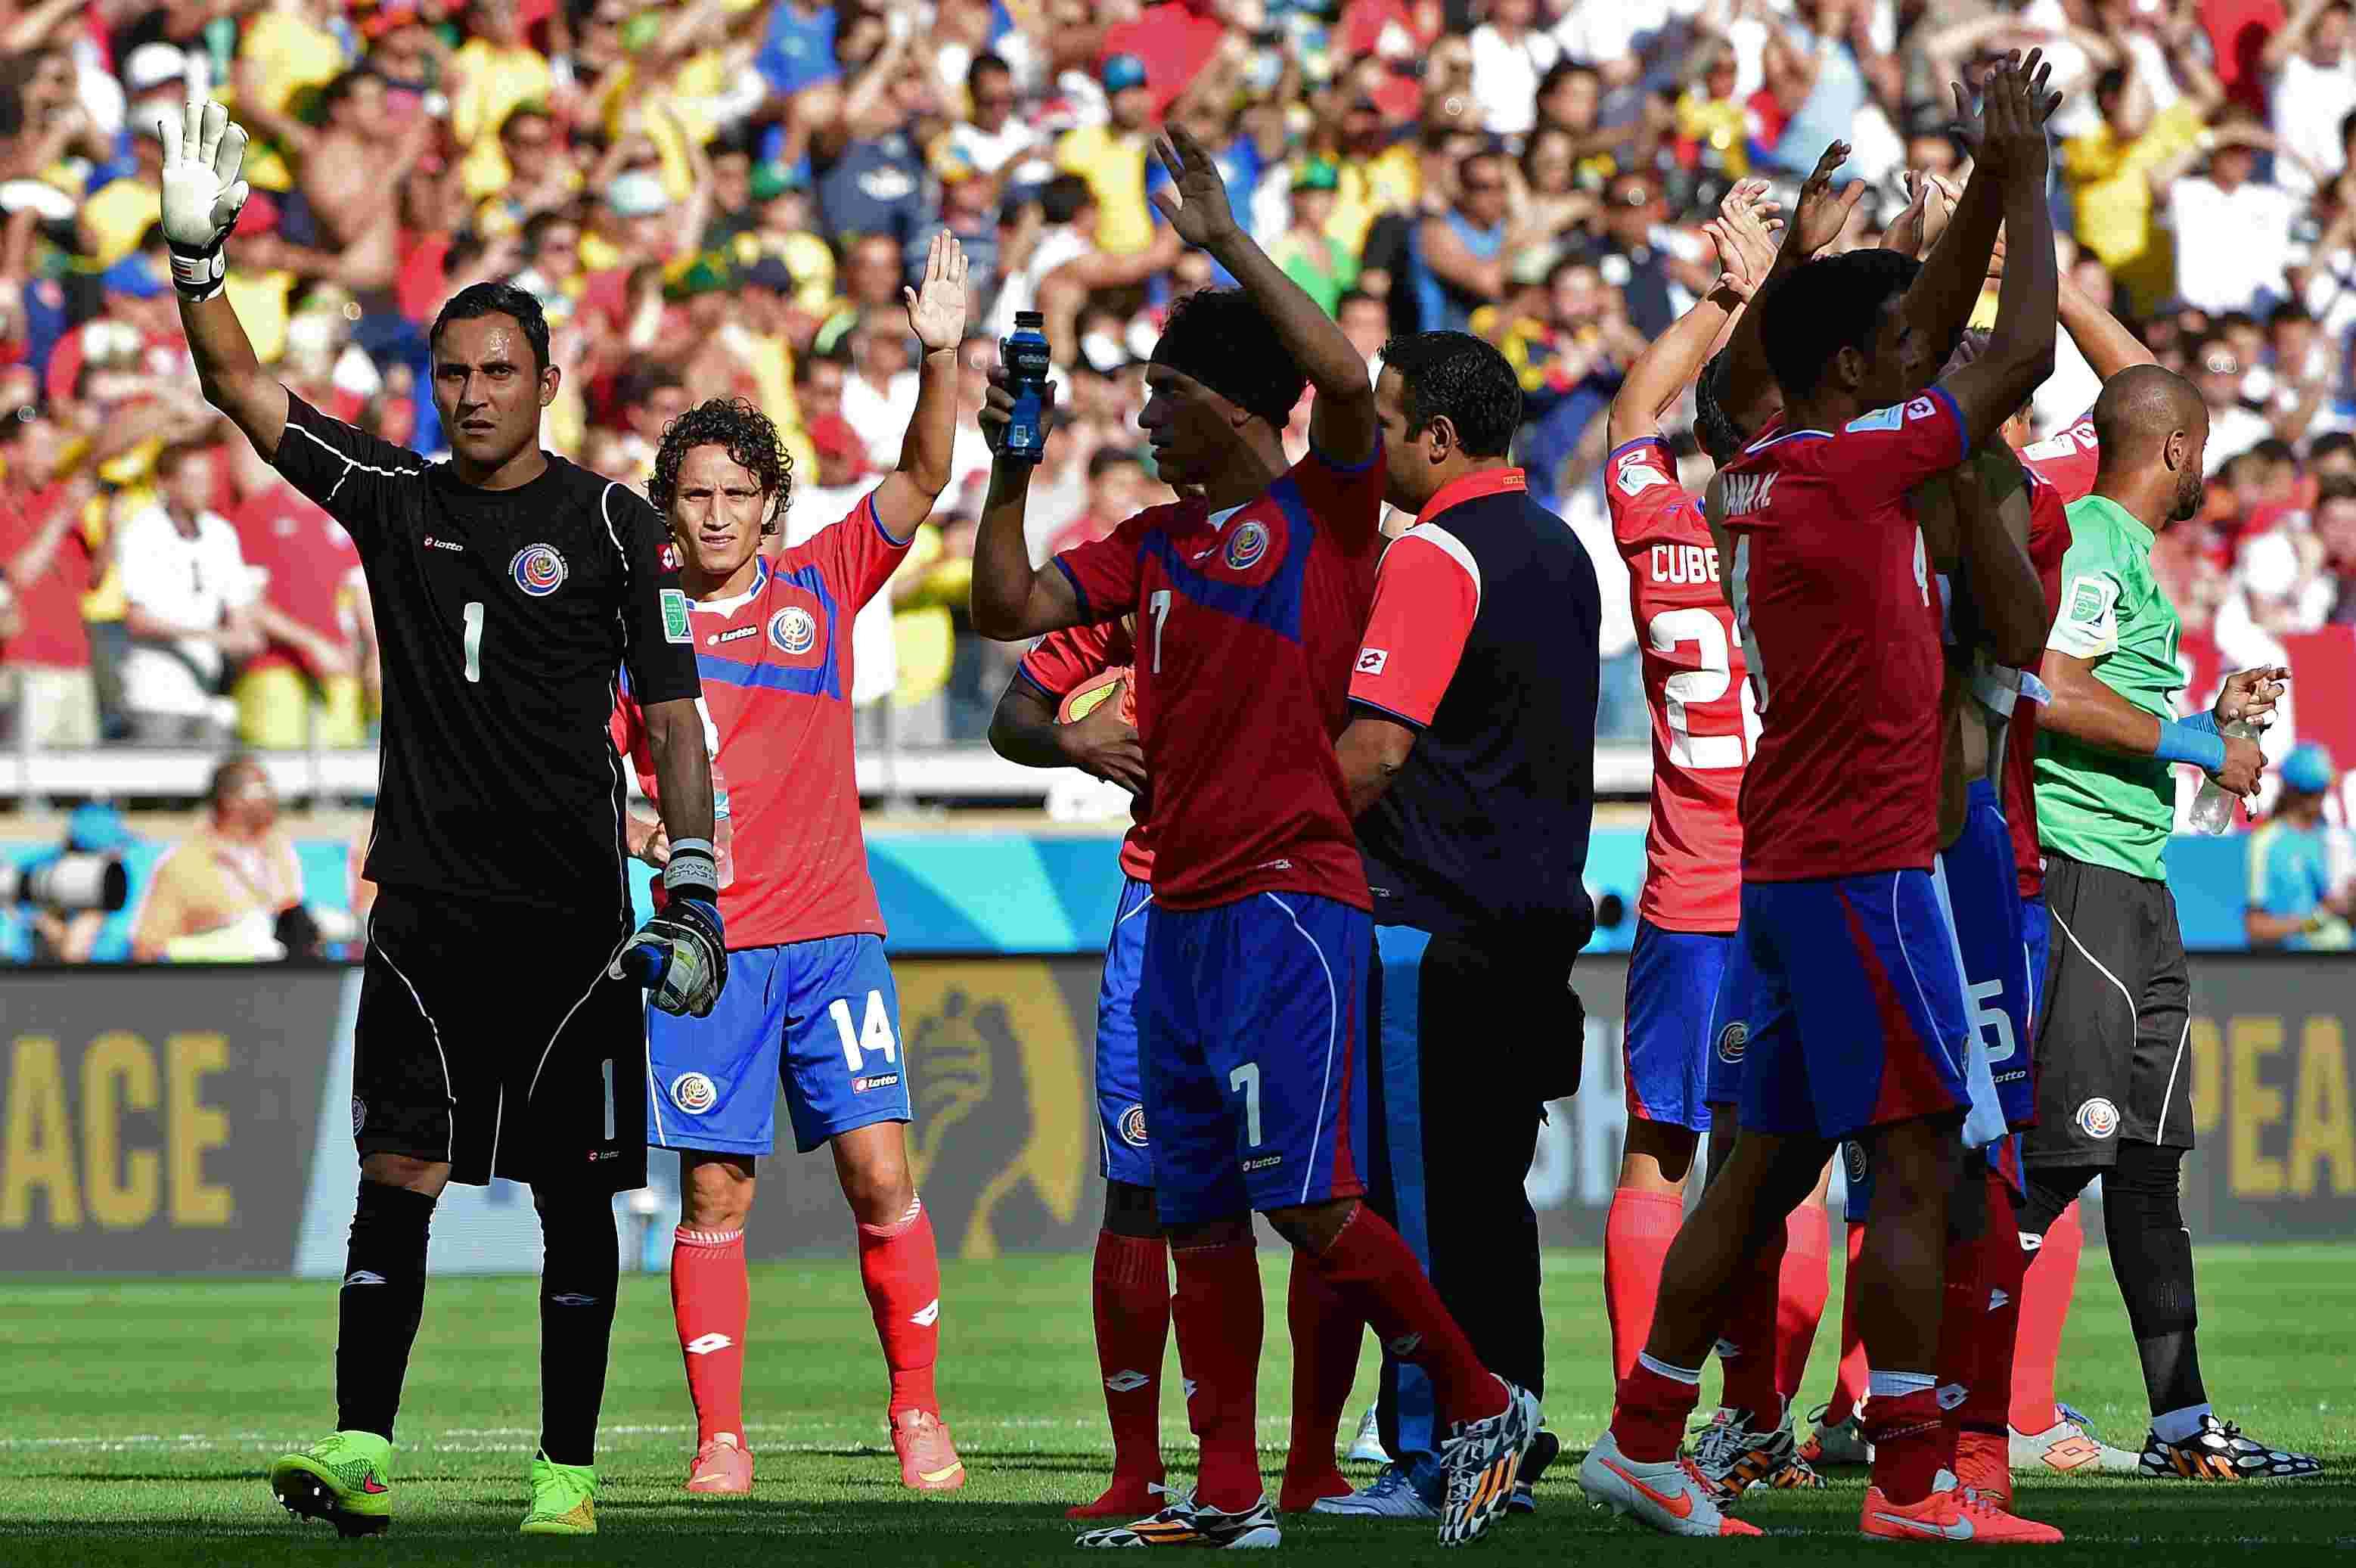 прогнозы на чемпионат мира по футболу 1 8 финала греция коста рика